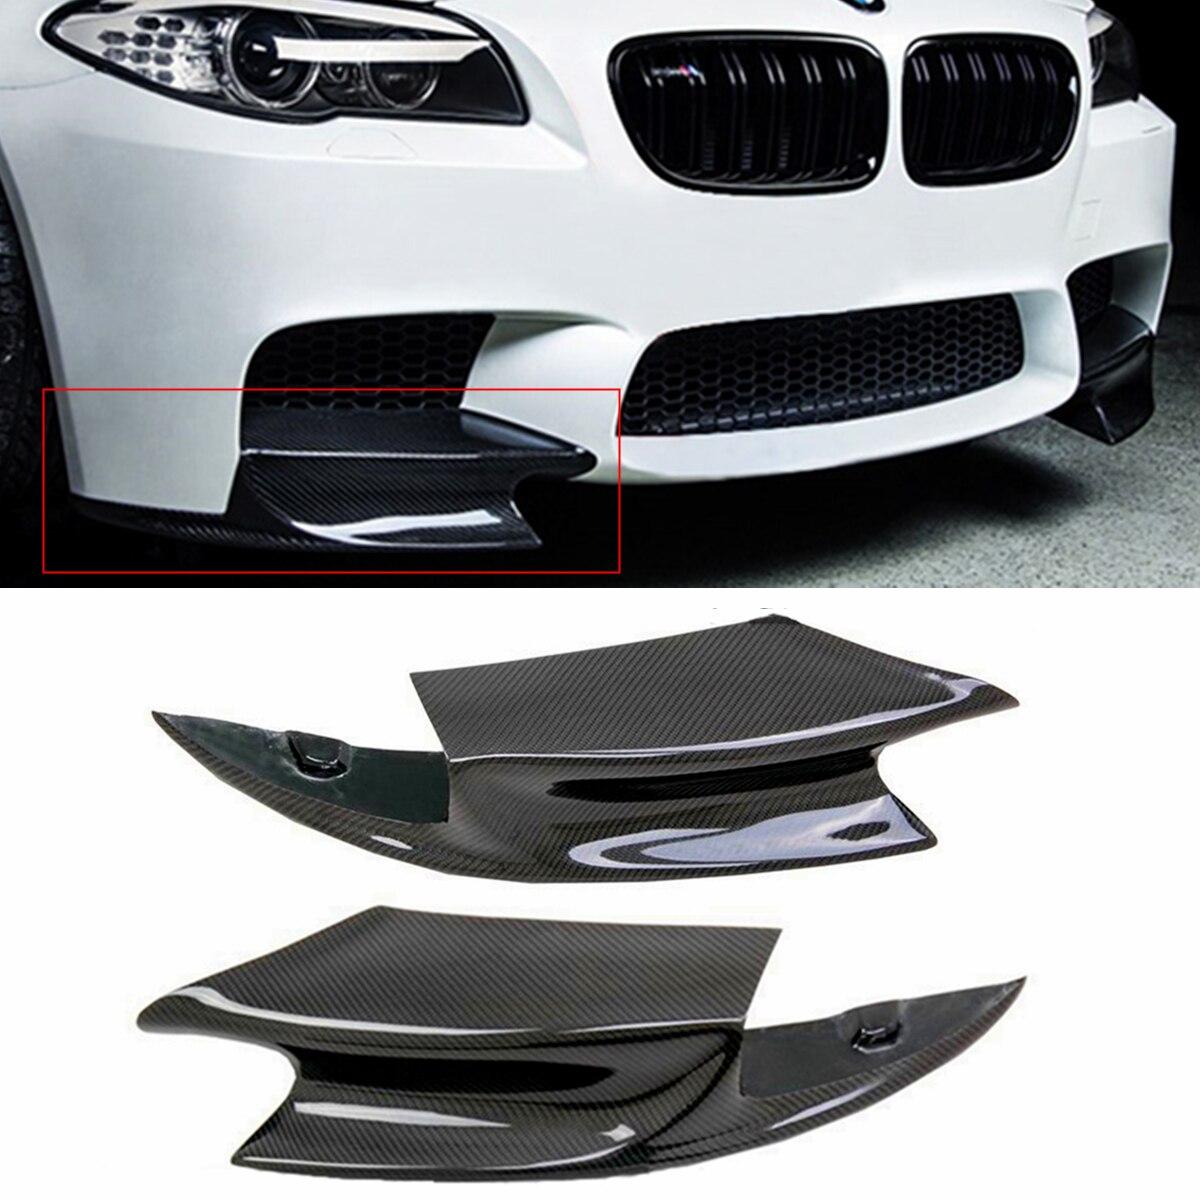 1 paia Reale In Fibra di Carbonio Labbro Anteriore Paraurti Splitter Fin Lama D'aria Auto Del Corpo Per BMW F10 M5 2012- 2016 R Stile Diffusa Splitter